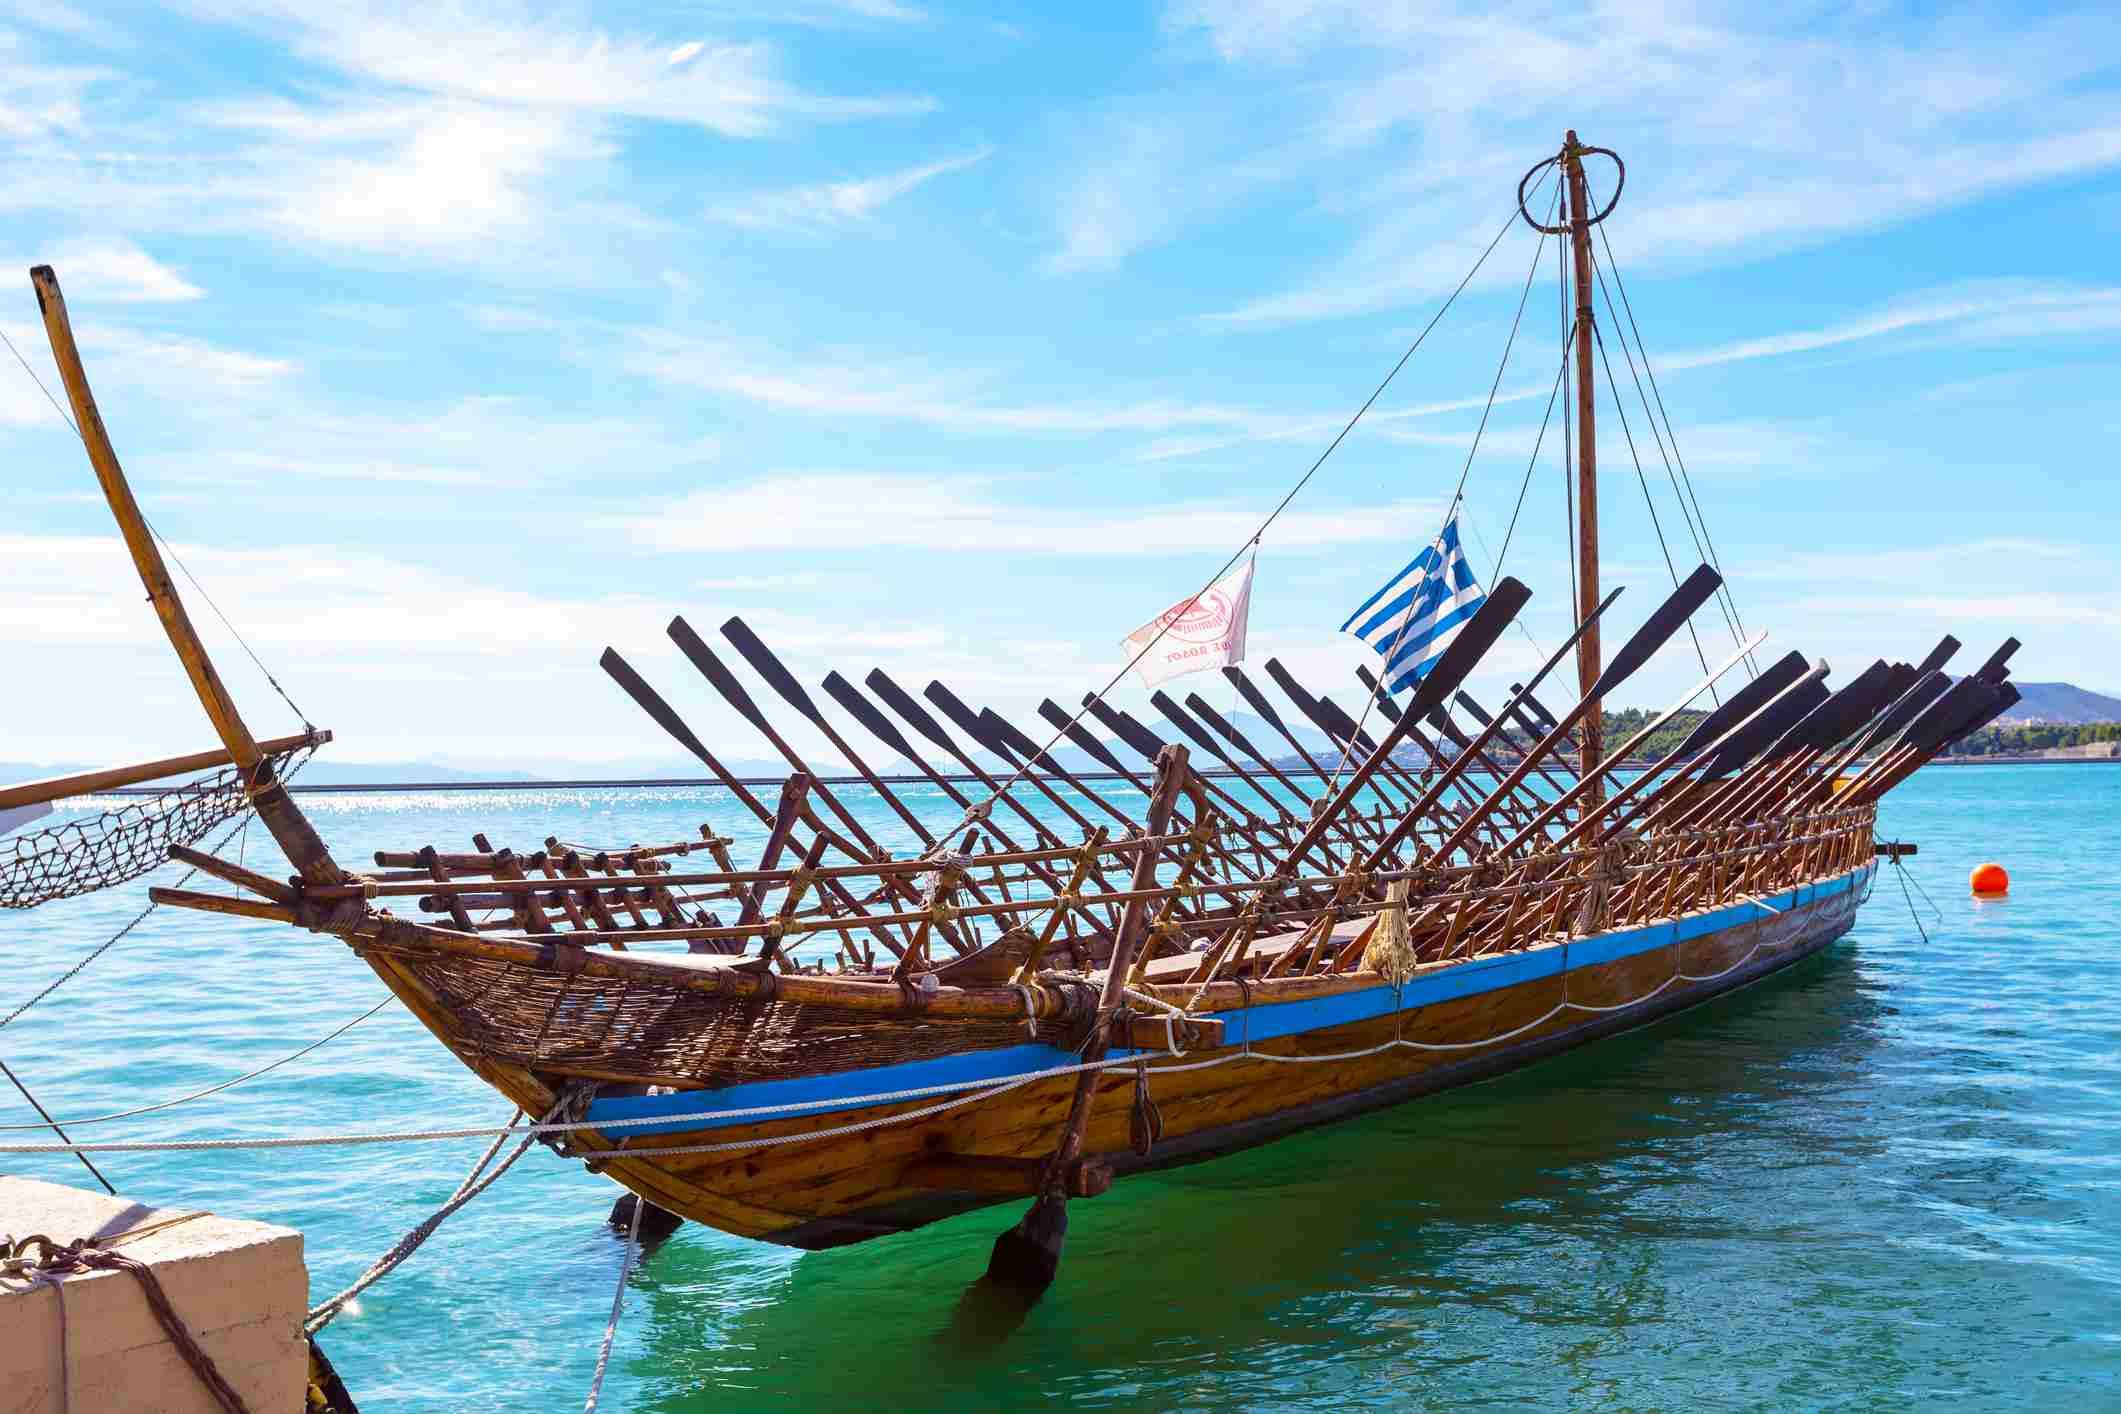 Reproduktion des antiken griechischen Schiffes